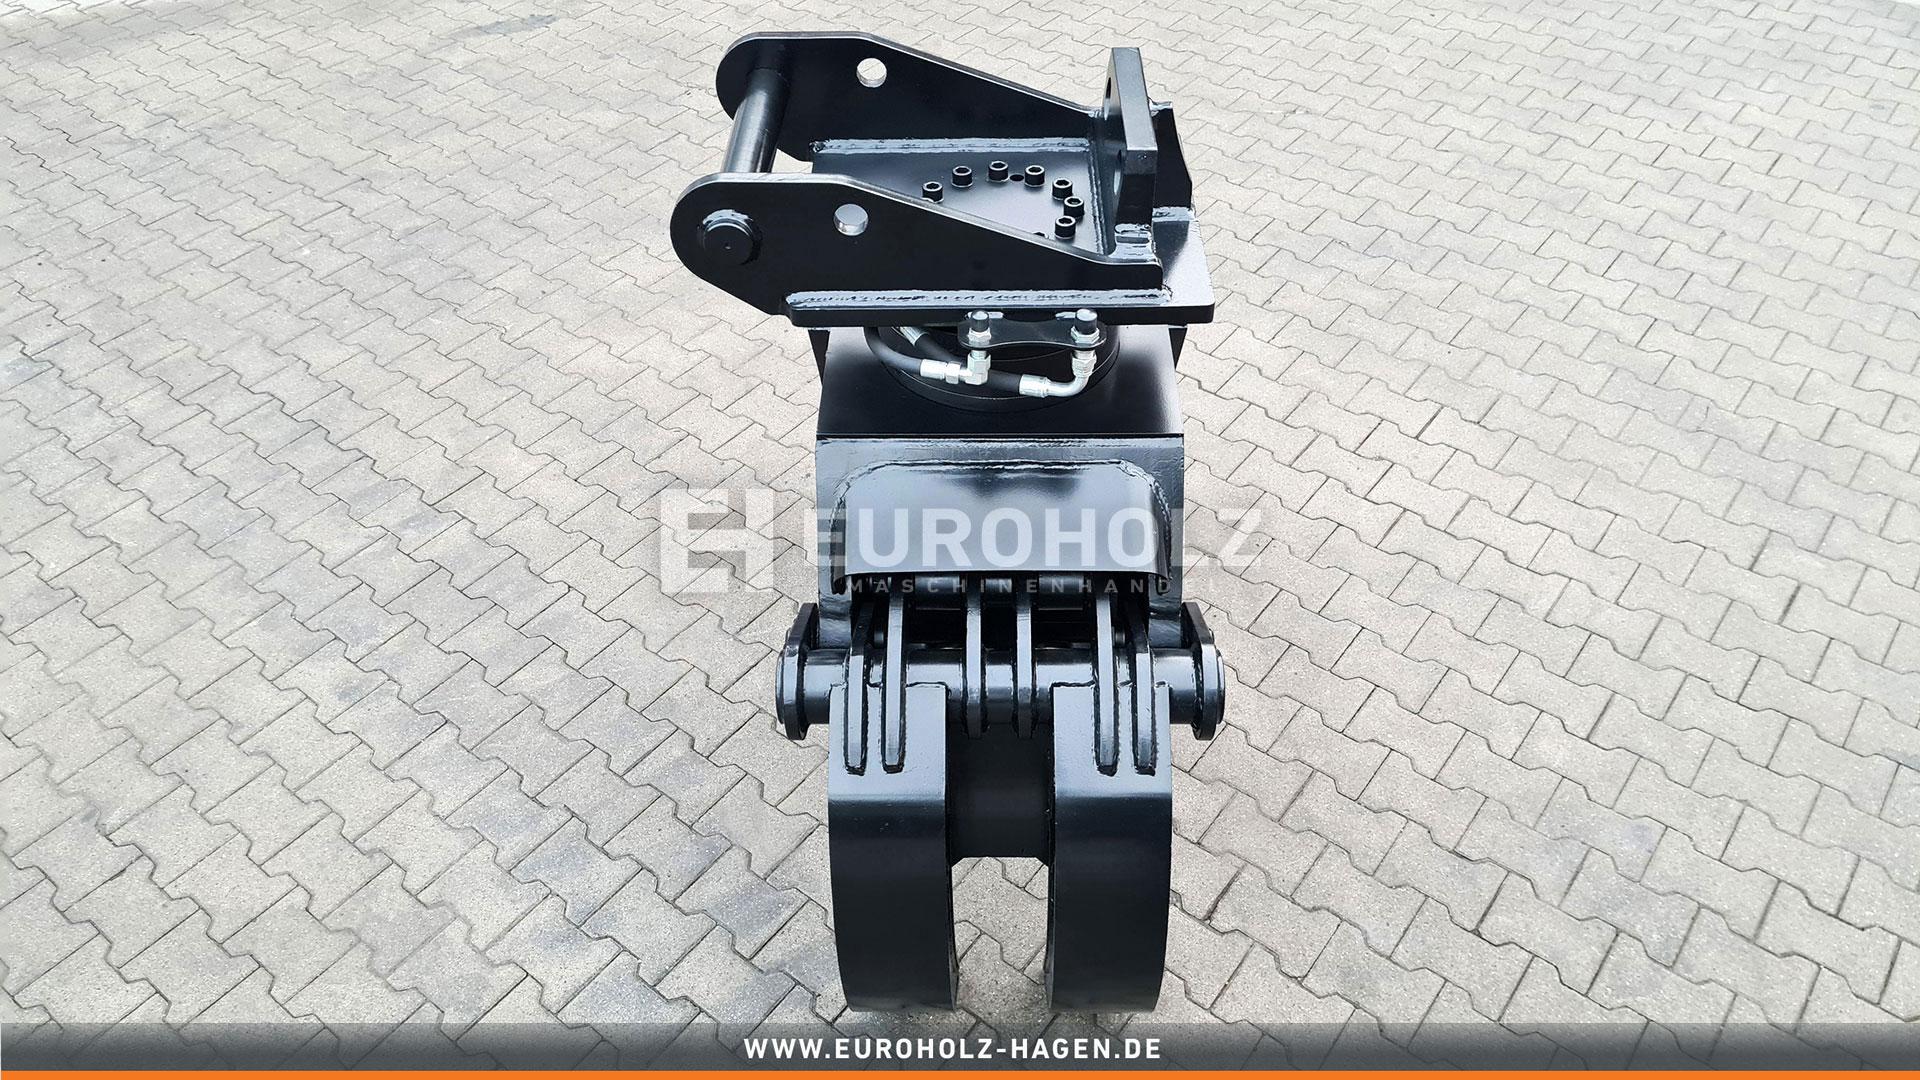 5-Finger Holzgreifer mit THUMM Rotator Typ 615H passend für Lehnhoff MS10 Kat. 1G